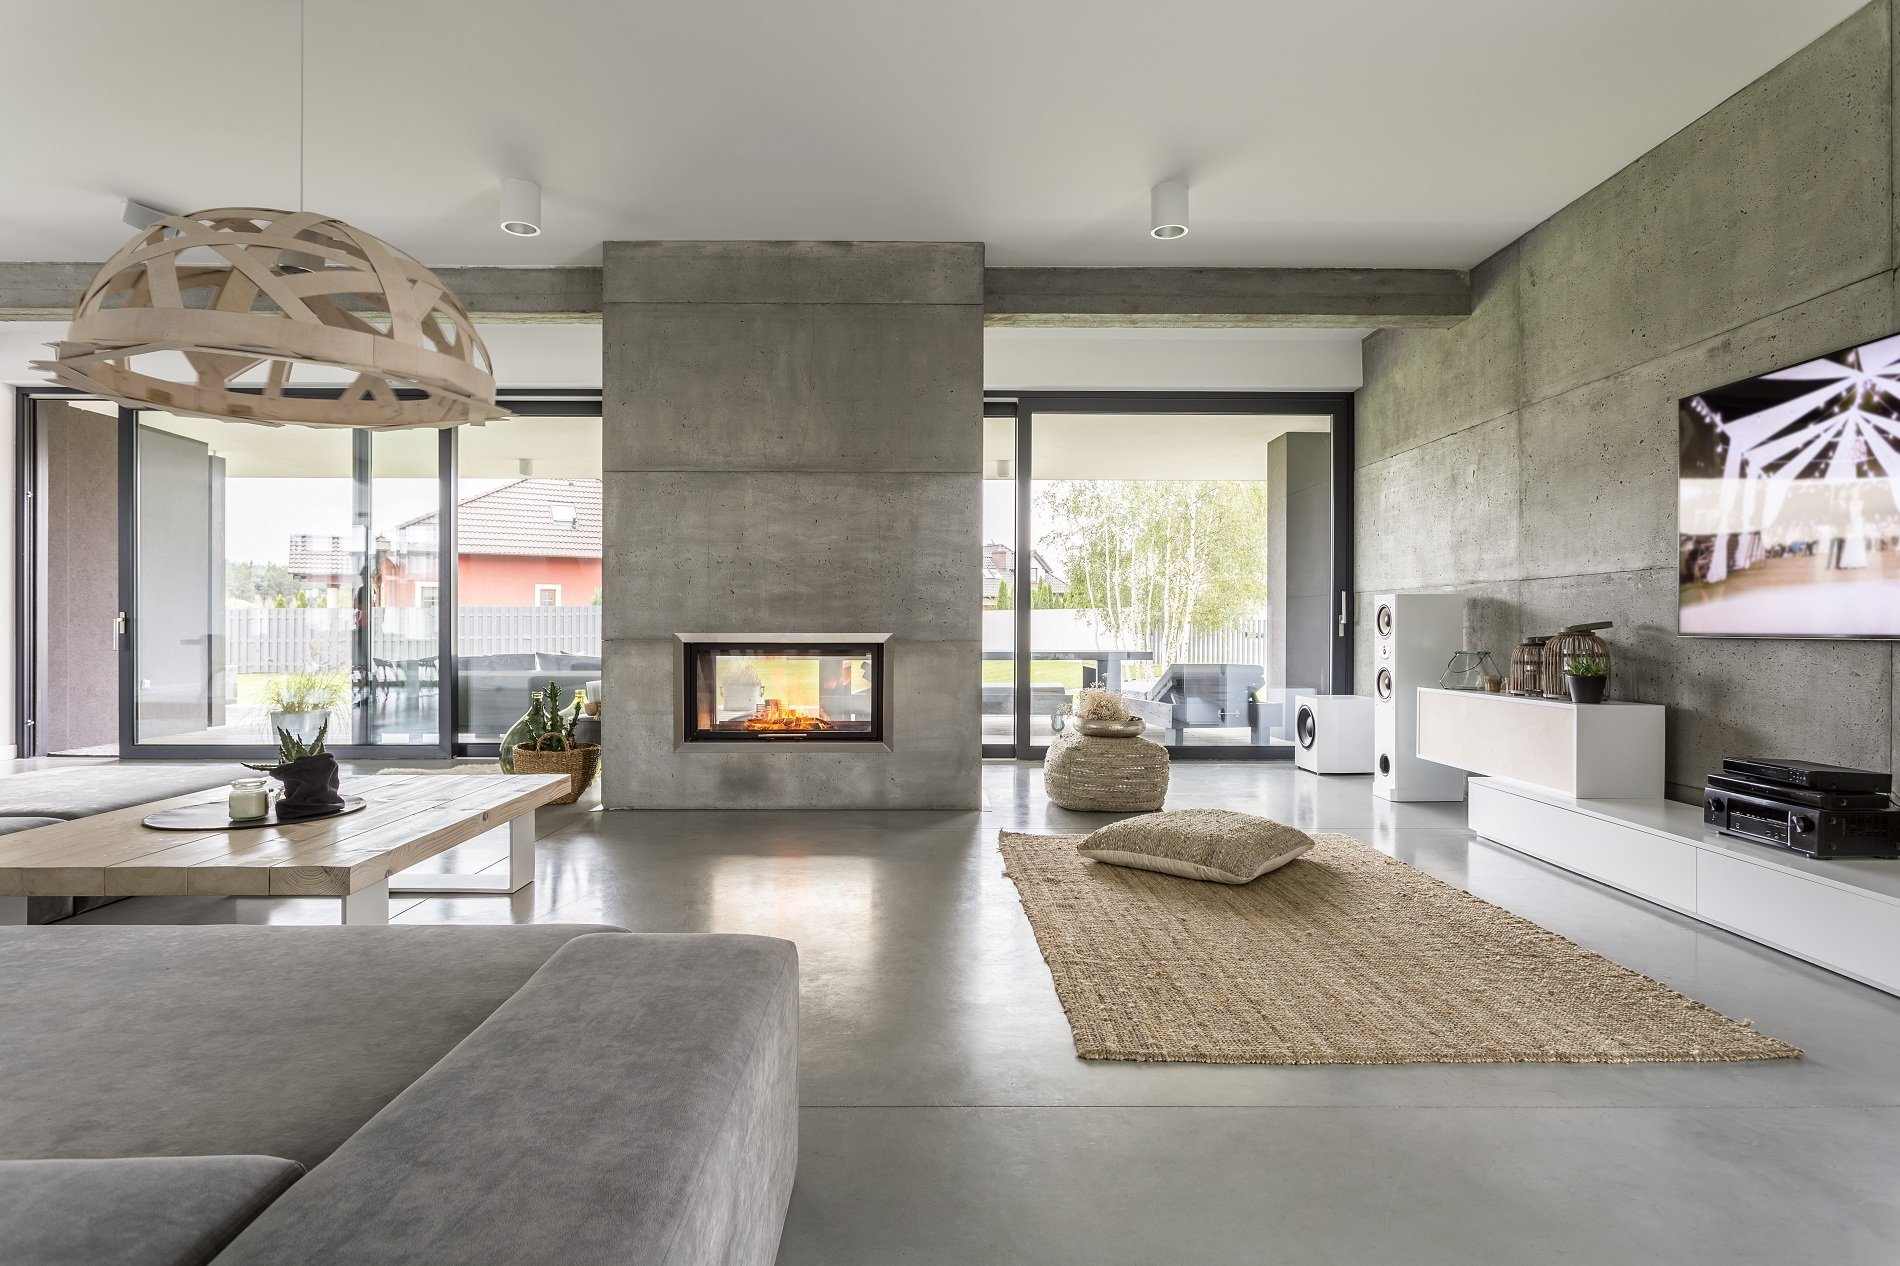 Salon con sofà, tavola bassa di legno,camino e le pareti e il suolo di geopietra